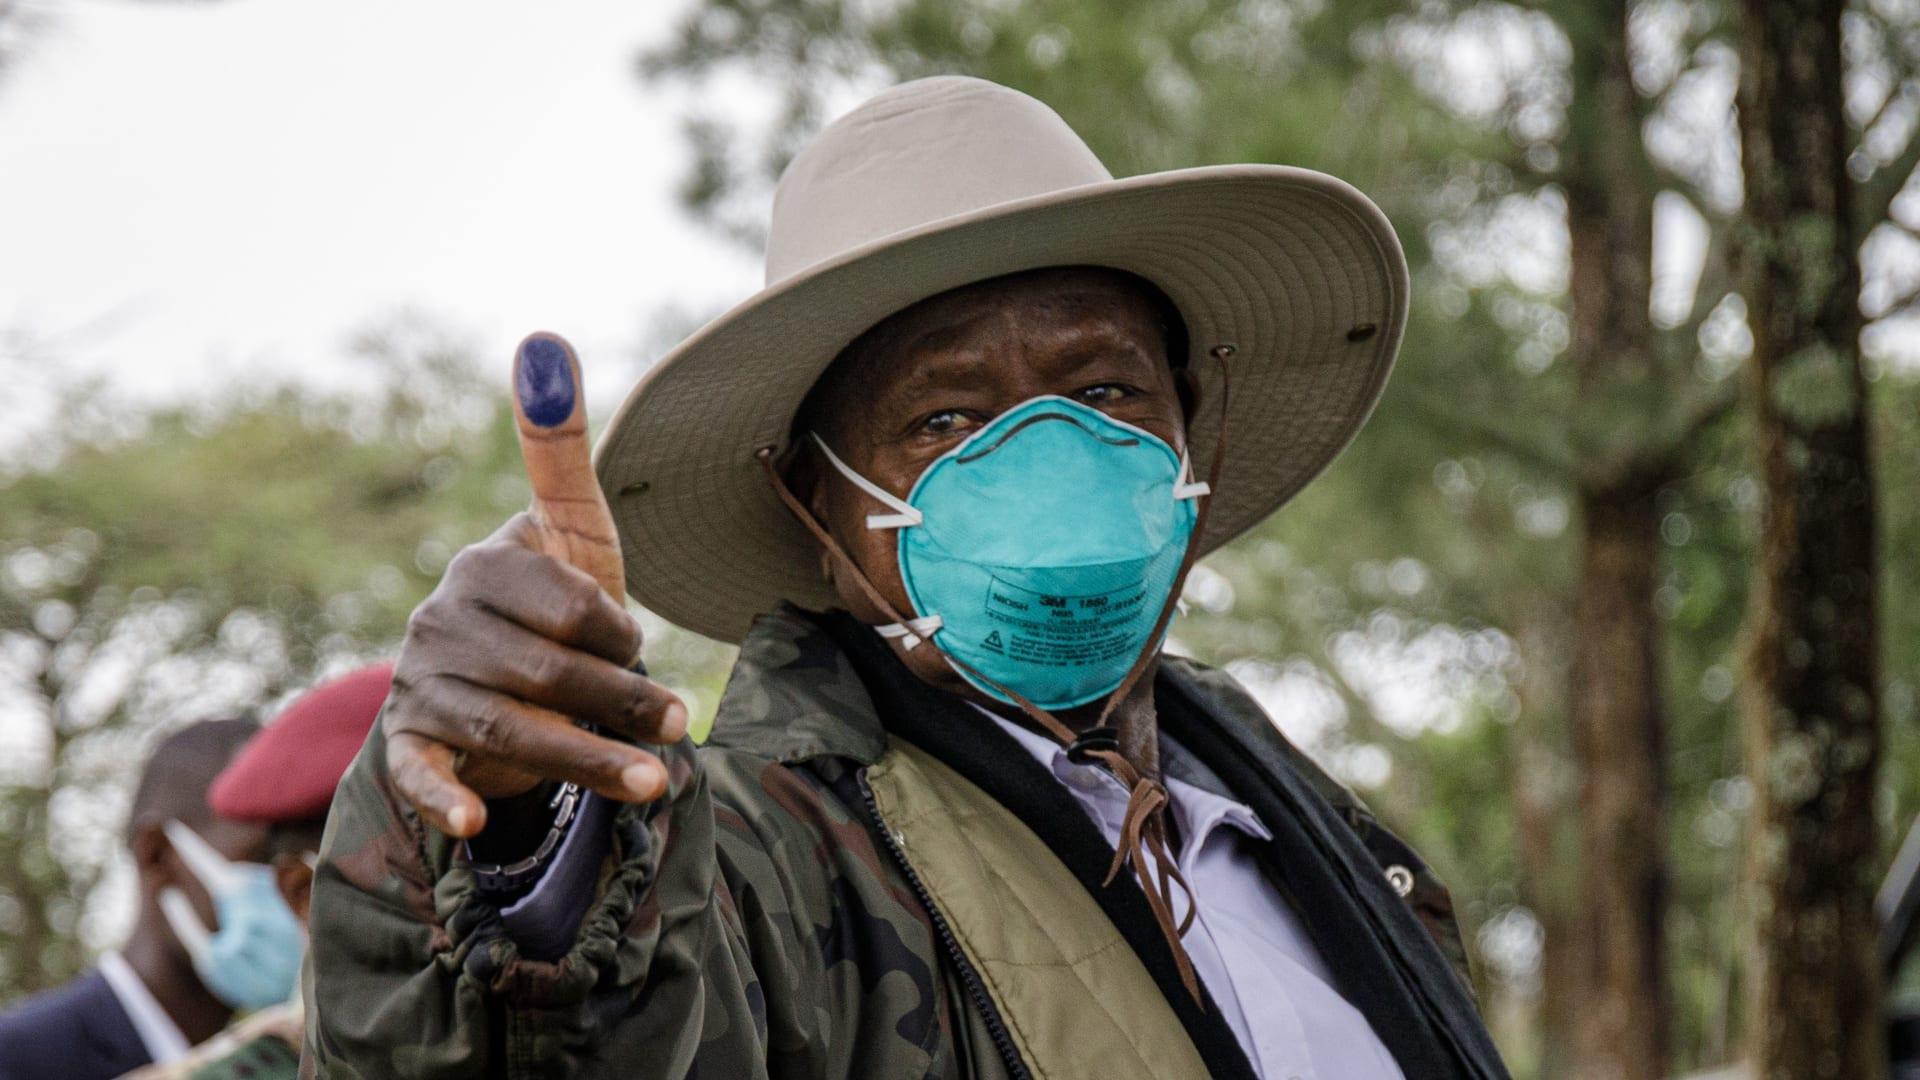 فوز الرئيس الأوغندي يوري موسيفيني بولاية سادسة.. ووضع منافسه تحت الإقامة الجبرية